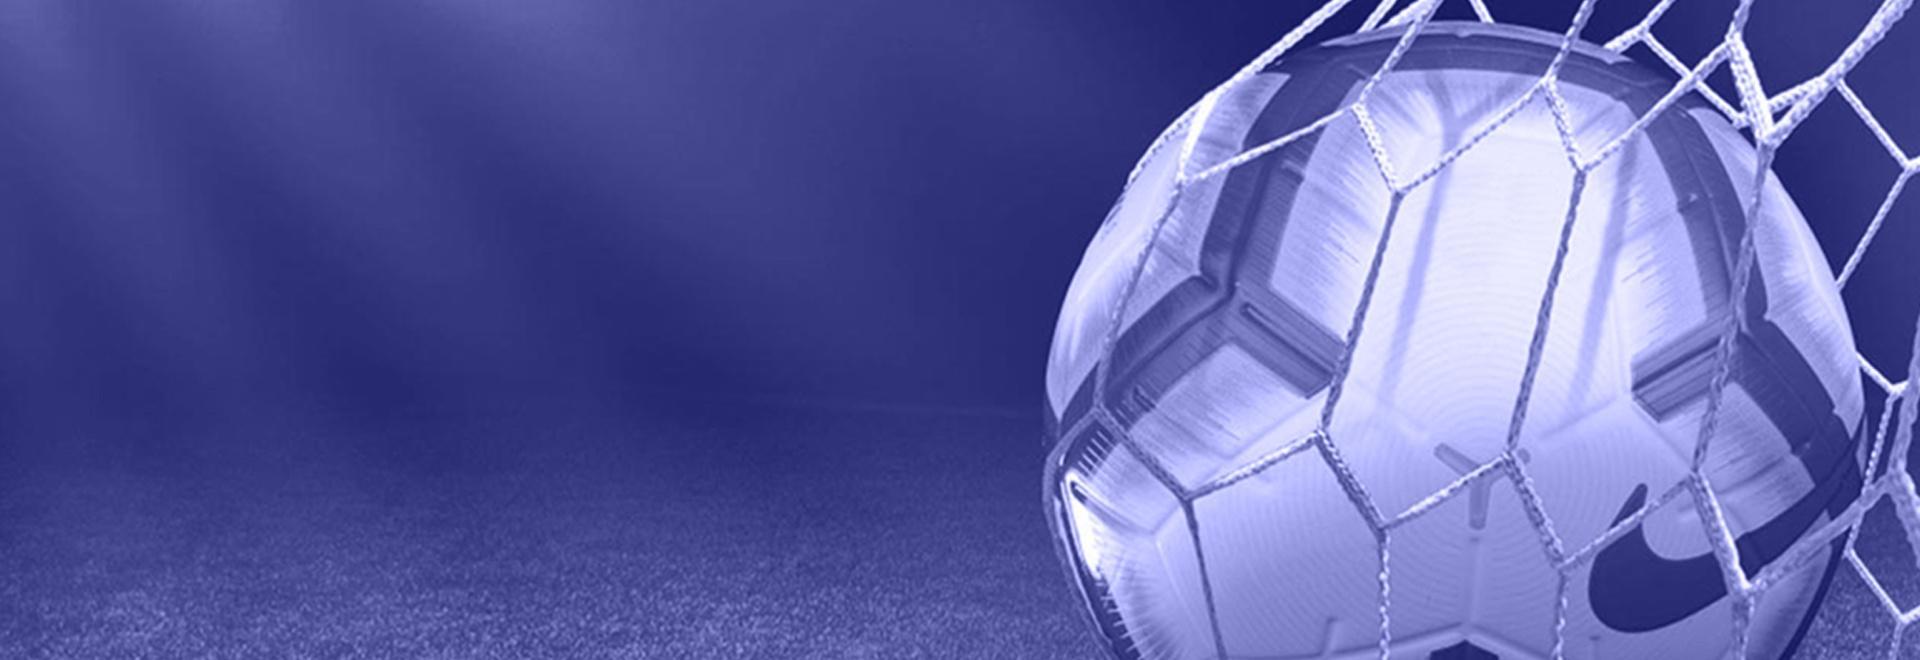 Inter - Milan 29/08/09